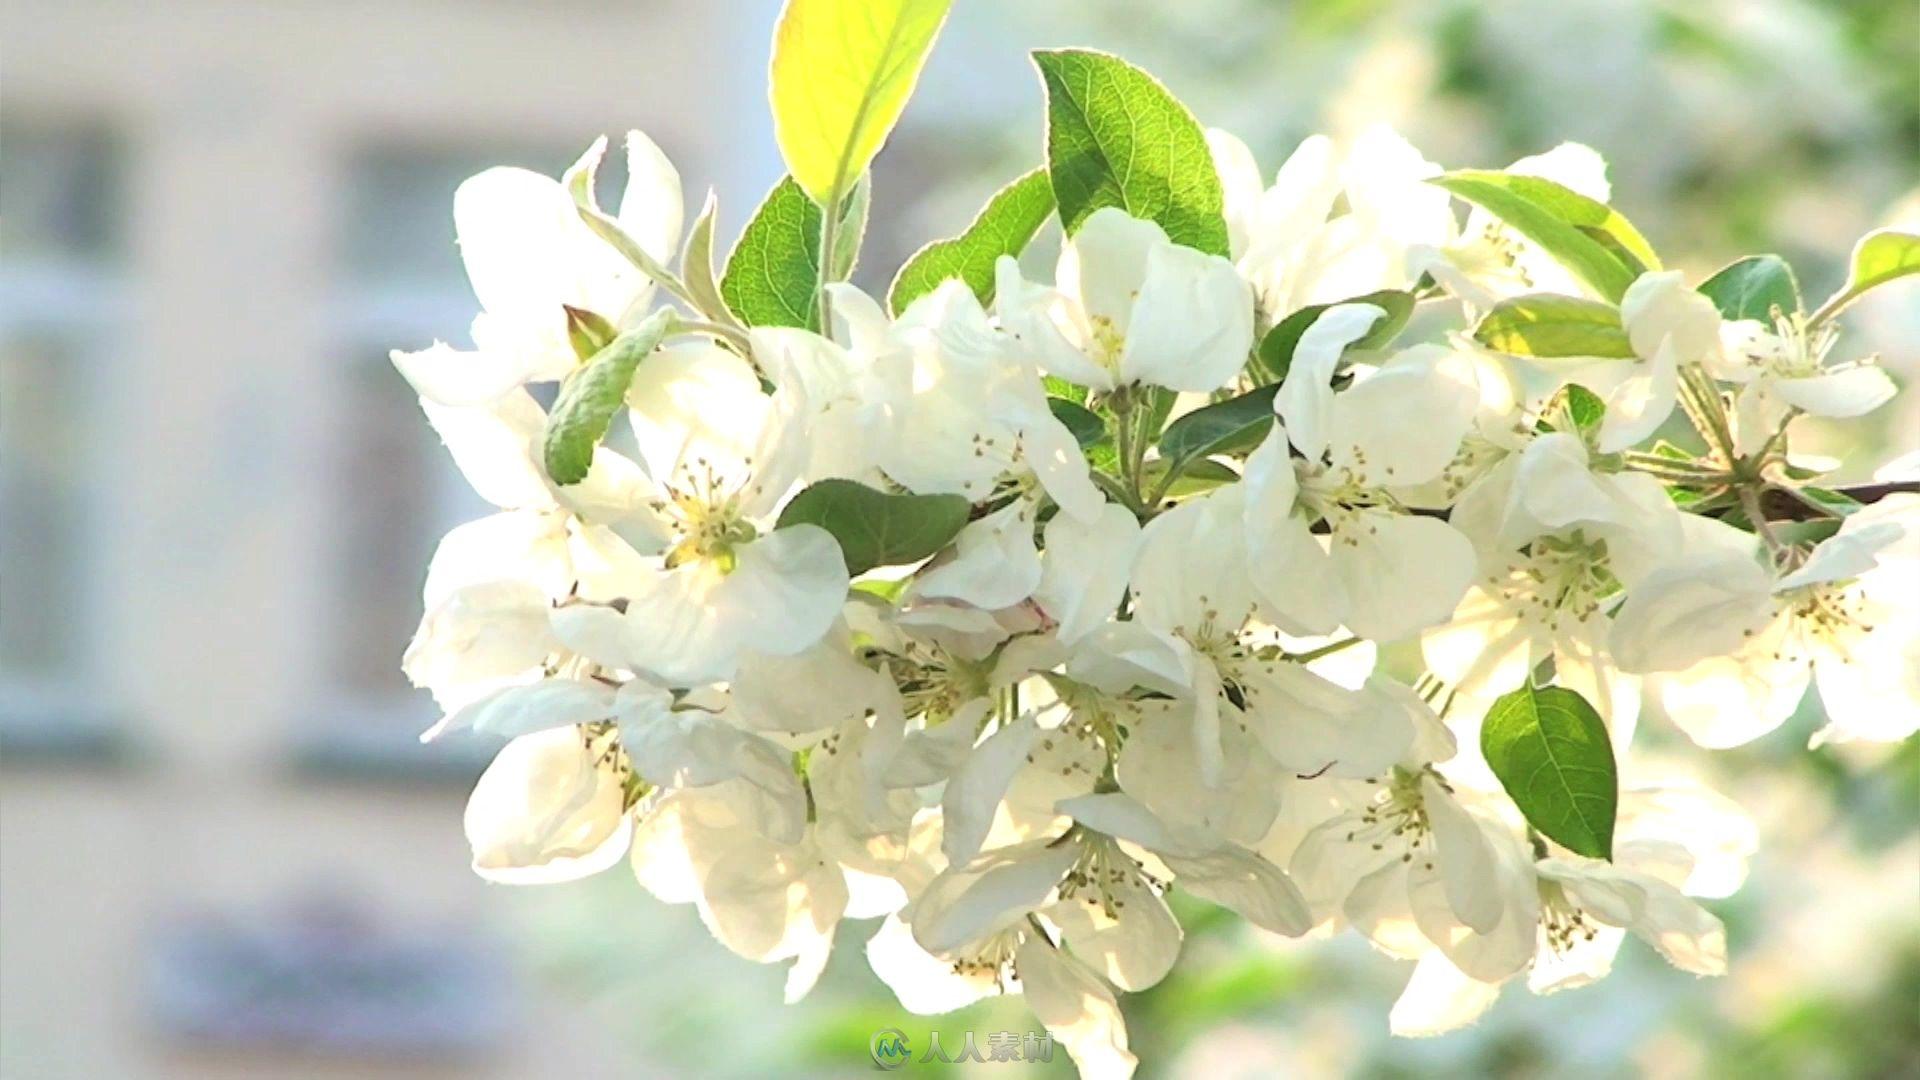 日落时分拍摄树木唯美白花绿叶近距离特写镜头高清实拍视频素材